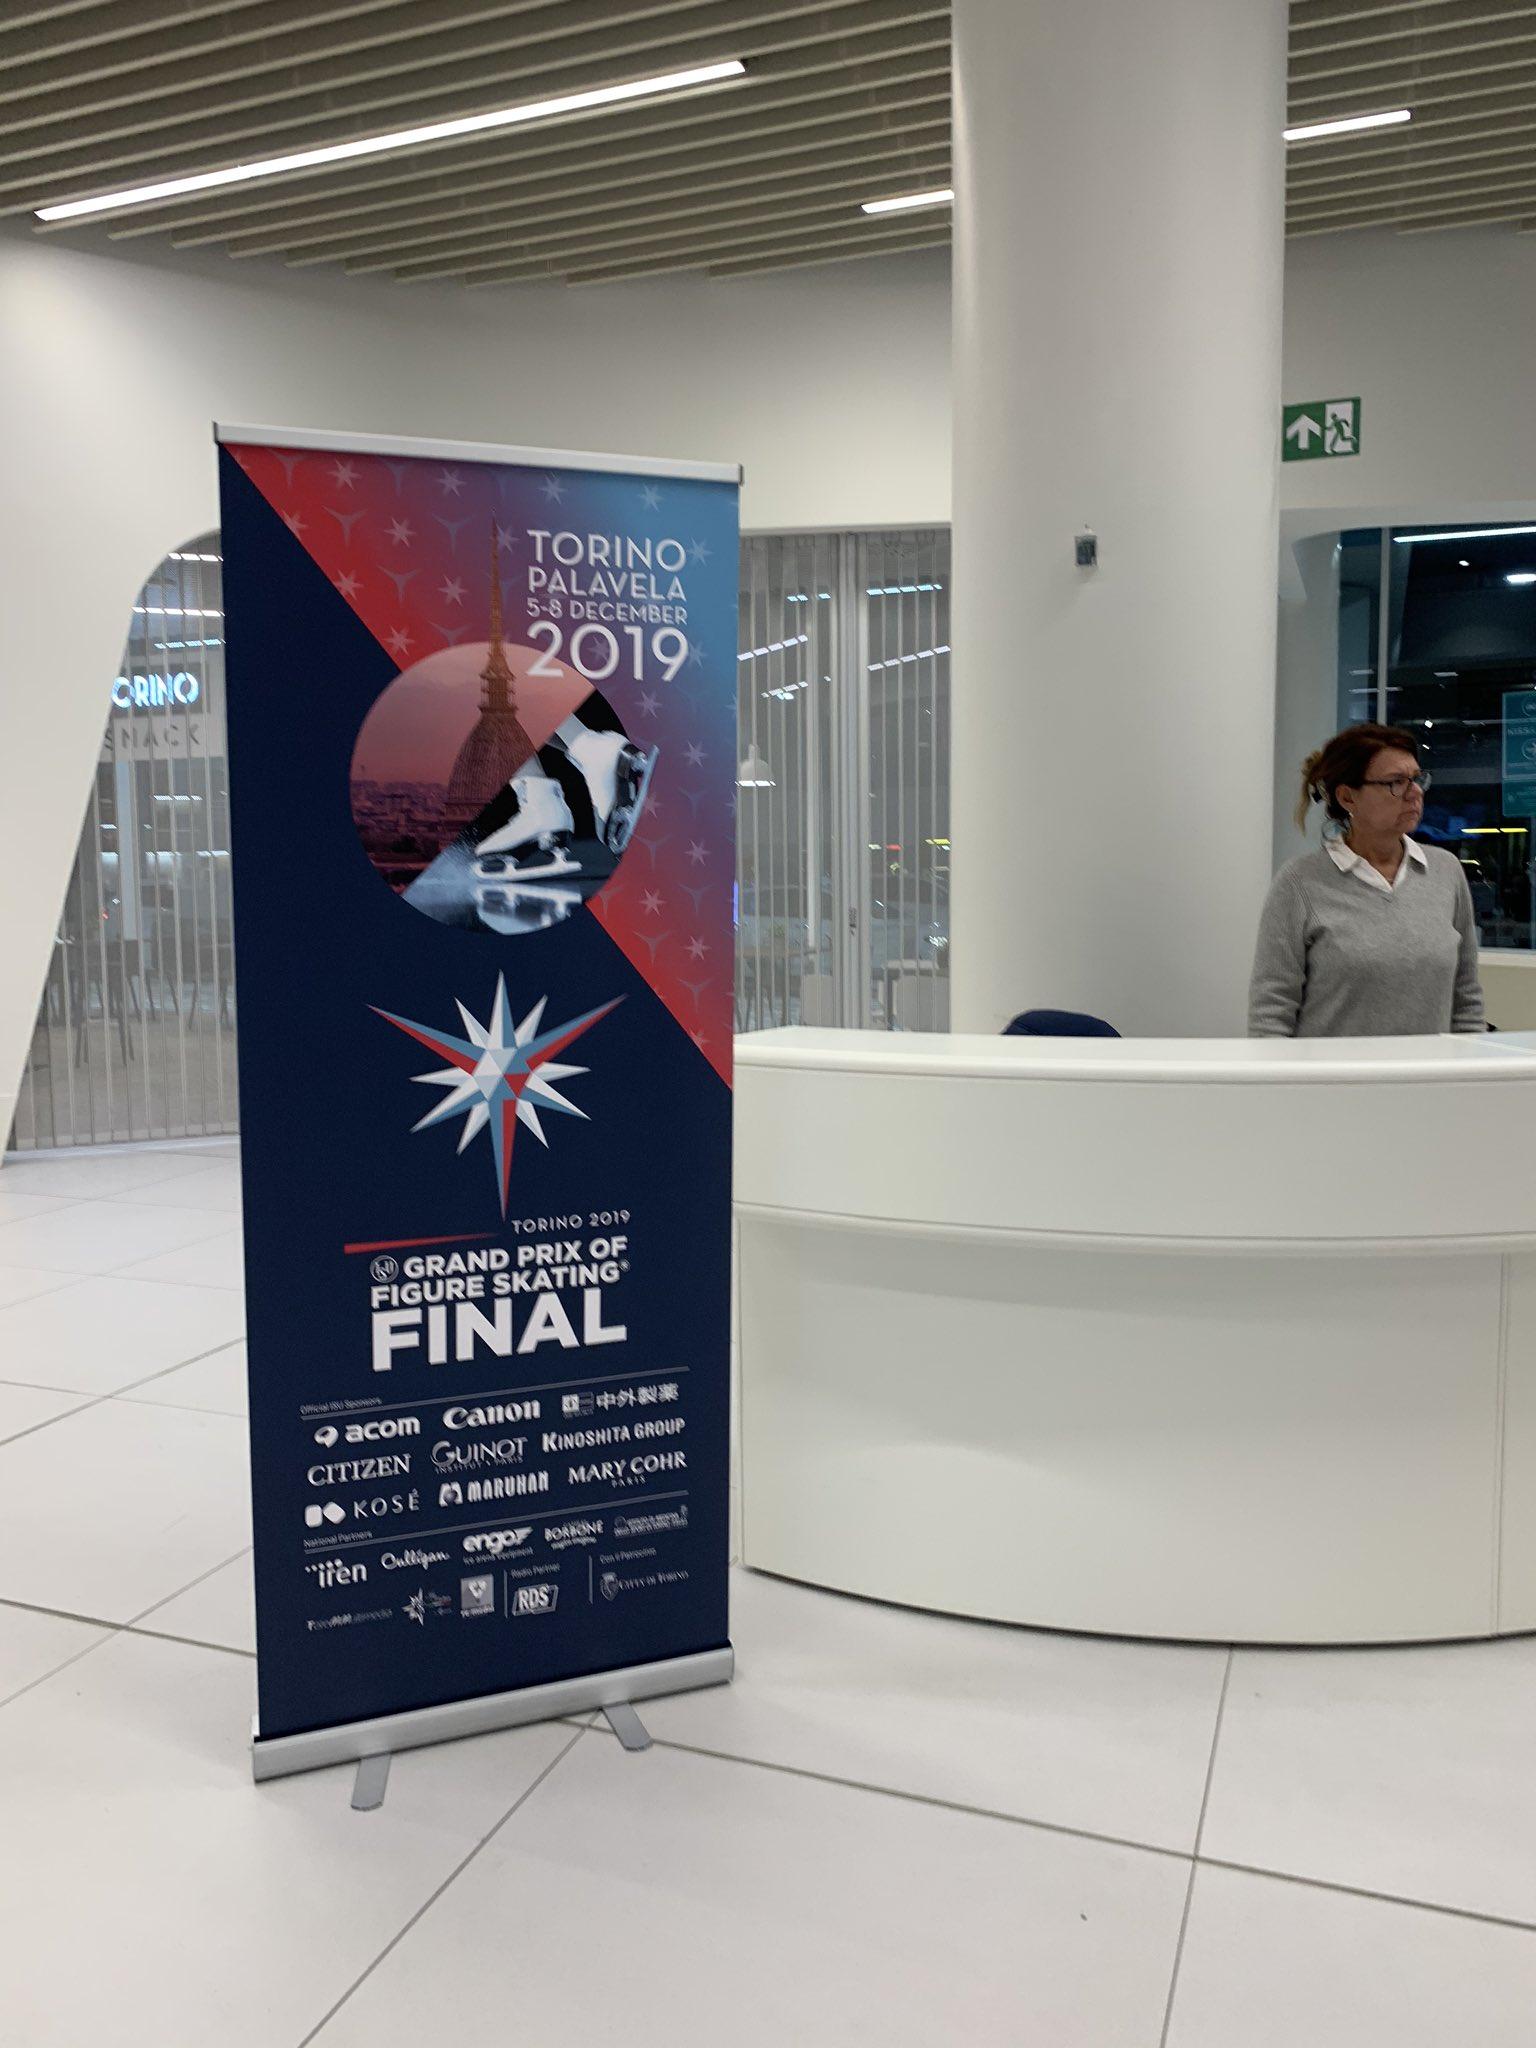 ISU Grand Prix of Figure Skating Final (Senior & Junior). Dec 05 - Dec 08, 2019.  Torino /ITA  - Страница 3 EK5cA_0XsAIb21t?format=jpg&name=4096x4096